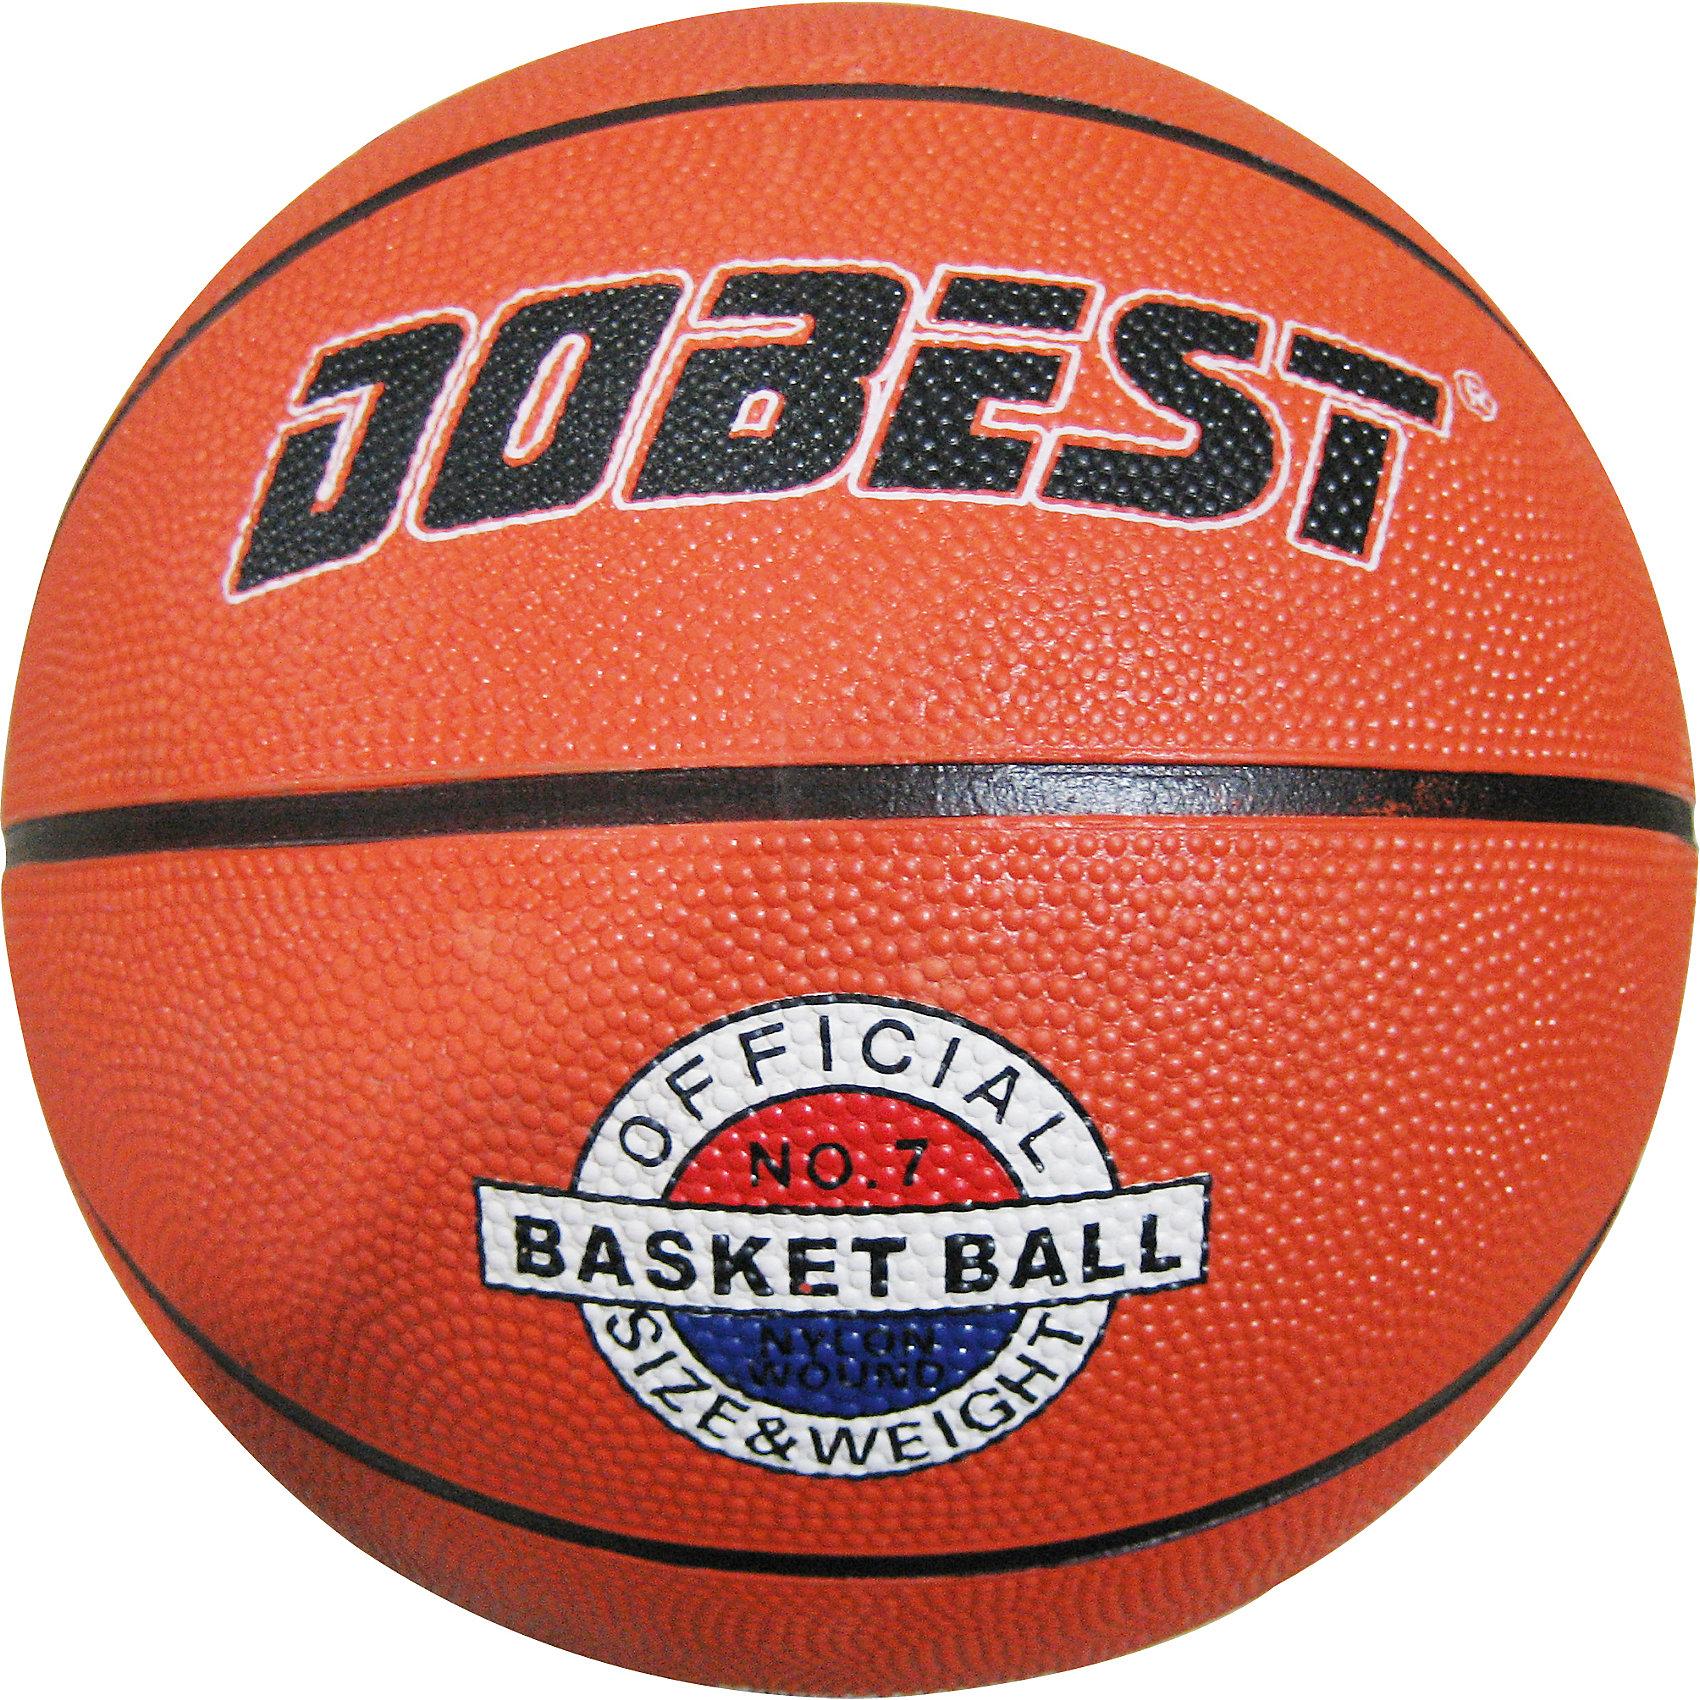 Баскетбольный мяч RB7-0886, р.7 резина, оранж., DobestМячи детские<br>Основные характеристики<br><br>Вид: баскетбольный<br>Уровень игры: любительский<br>Размер: 7<br>Количество панелей: 8<br>Количество слоев: 3<br>Вес: 600 гр.<br>Диаметр: 25 см<br>Цвет: оранжевый<br>Материал: резина<br>Мяч подходит для игры на улице и в зале<br>Страна-производитель: Китай <br>Упаковка: пакет (поставляется в сдутом виде)<br><br>Мяч баскетбольный Dobest RB7-0886 прекрасно подойдёт для игры во всеми любимый, остающийся уже долгие годы актуальным, интересным и популярным видом спорта, баскетбол. Ни для кого не секрет, что активные физические нагрузки очень полезны и нужны человеческому организму. А баскетбол, - это, пожалуй, одна из тех игр, в которых активно работают практически все мышцы тела, тренируются лёгкие, выносливость.<br><br>Ширина мм: 280<br>Глубина мм: 280<br>Высота мм: 100<br>Вес г: 600<br>Возраст от месяцев: 36<br>Возраст до месяцев: 192<br>Пол: Унисекс<br>Возраст: Детский<br>SKU: 5056629